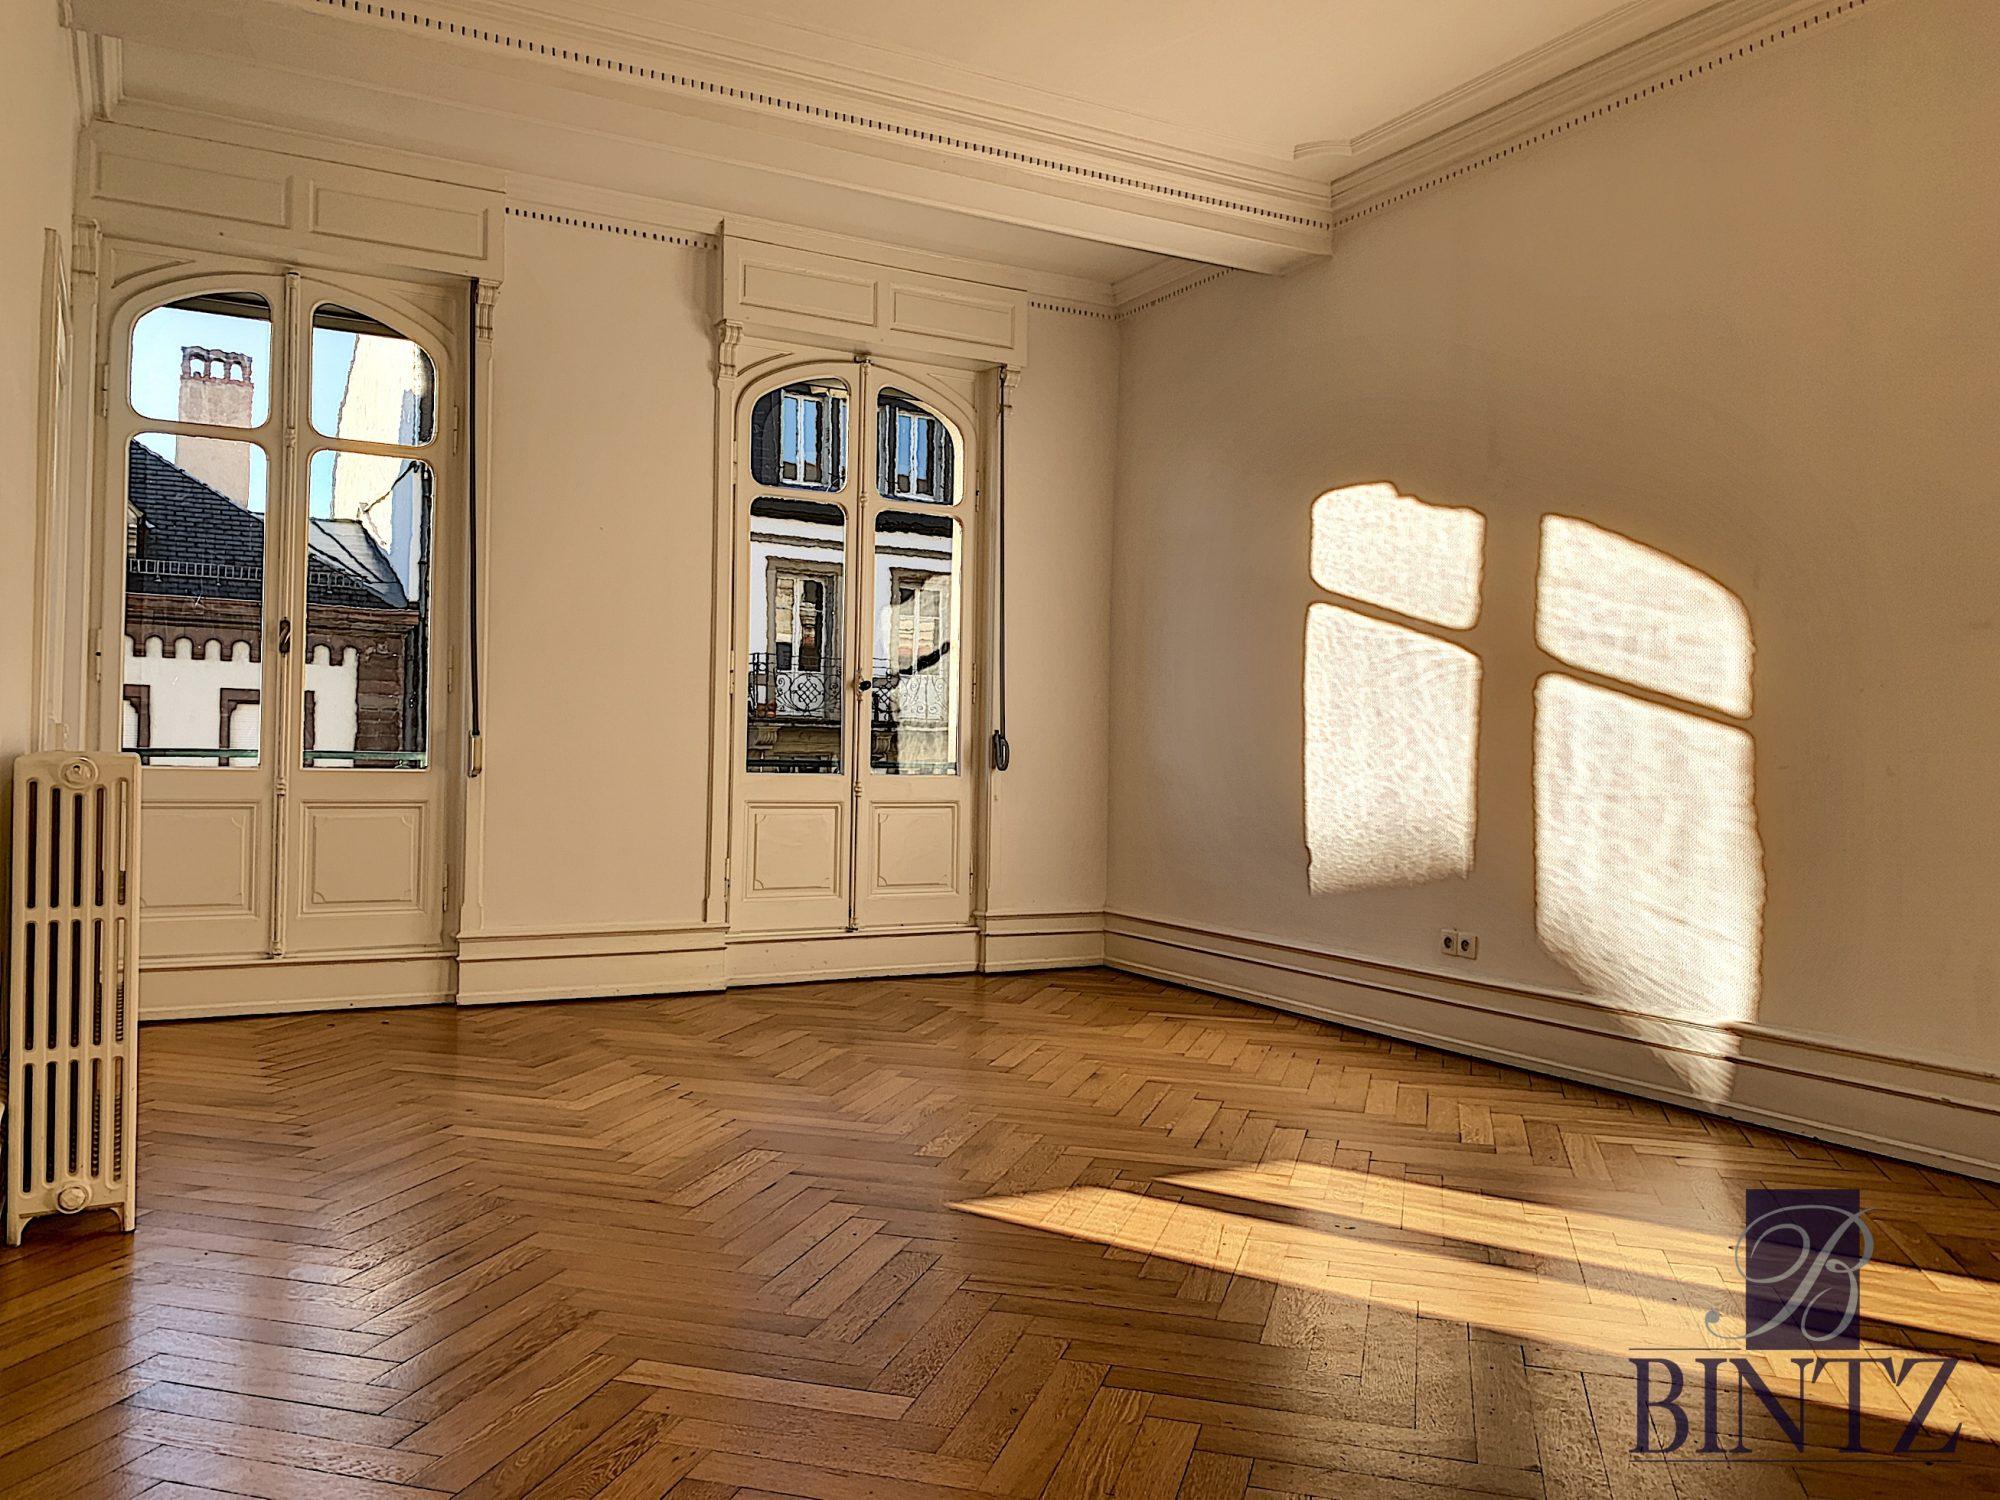 Exceptionnel 6pièces au Coeur de la NEUSTADT - Devenez locataire en toute sérénité - Bintz Immobilier - 6